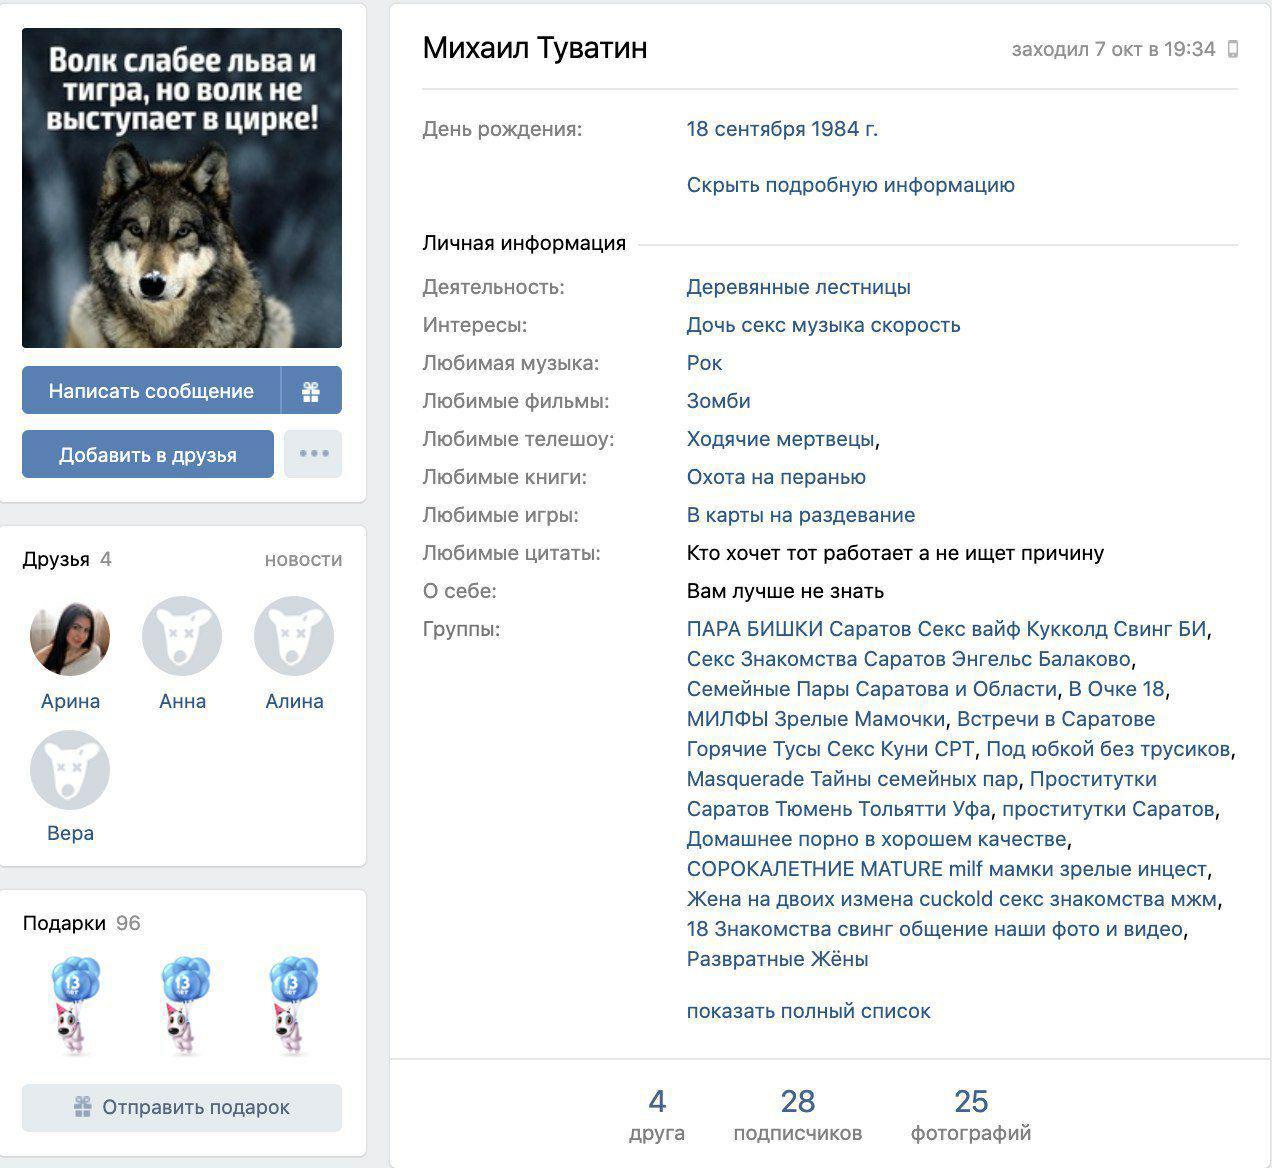 Новые подробности о жизни саратовского убийцы Михаила Туватина, убившего девочку